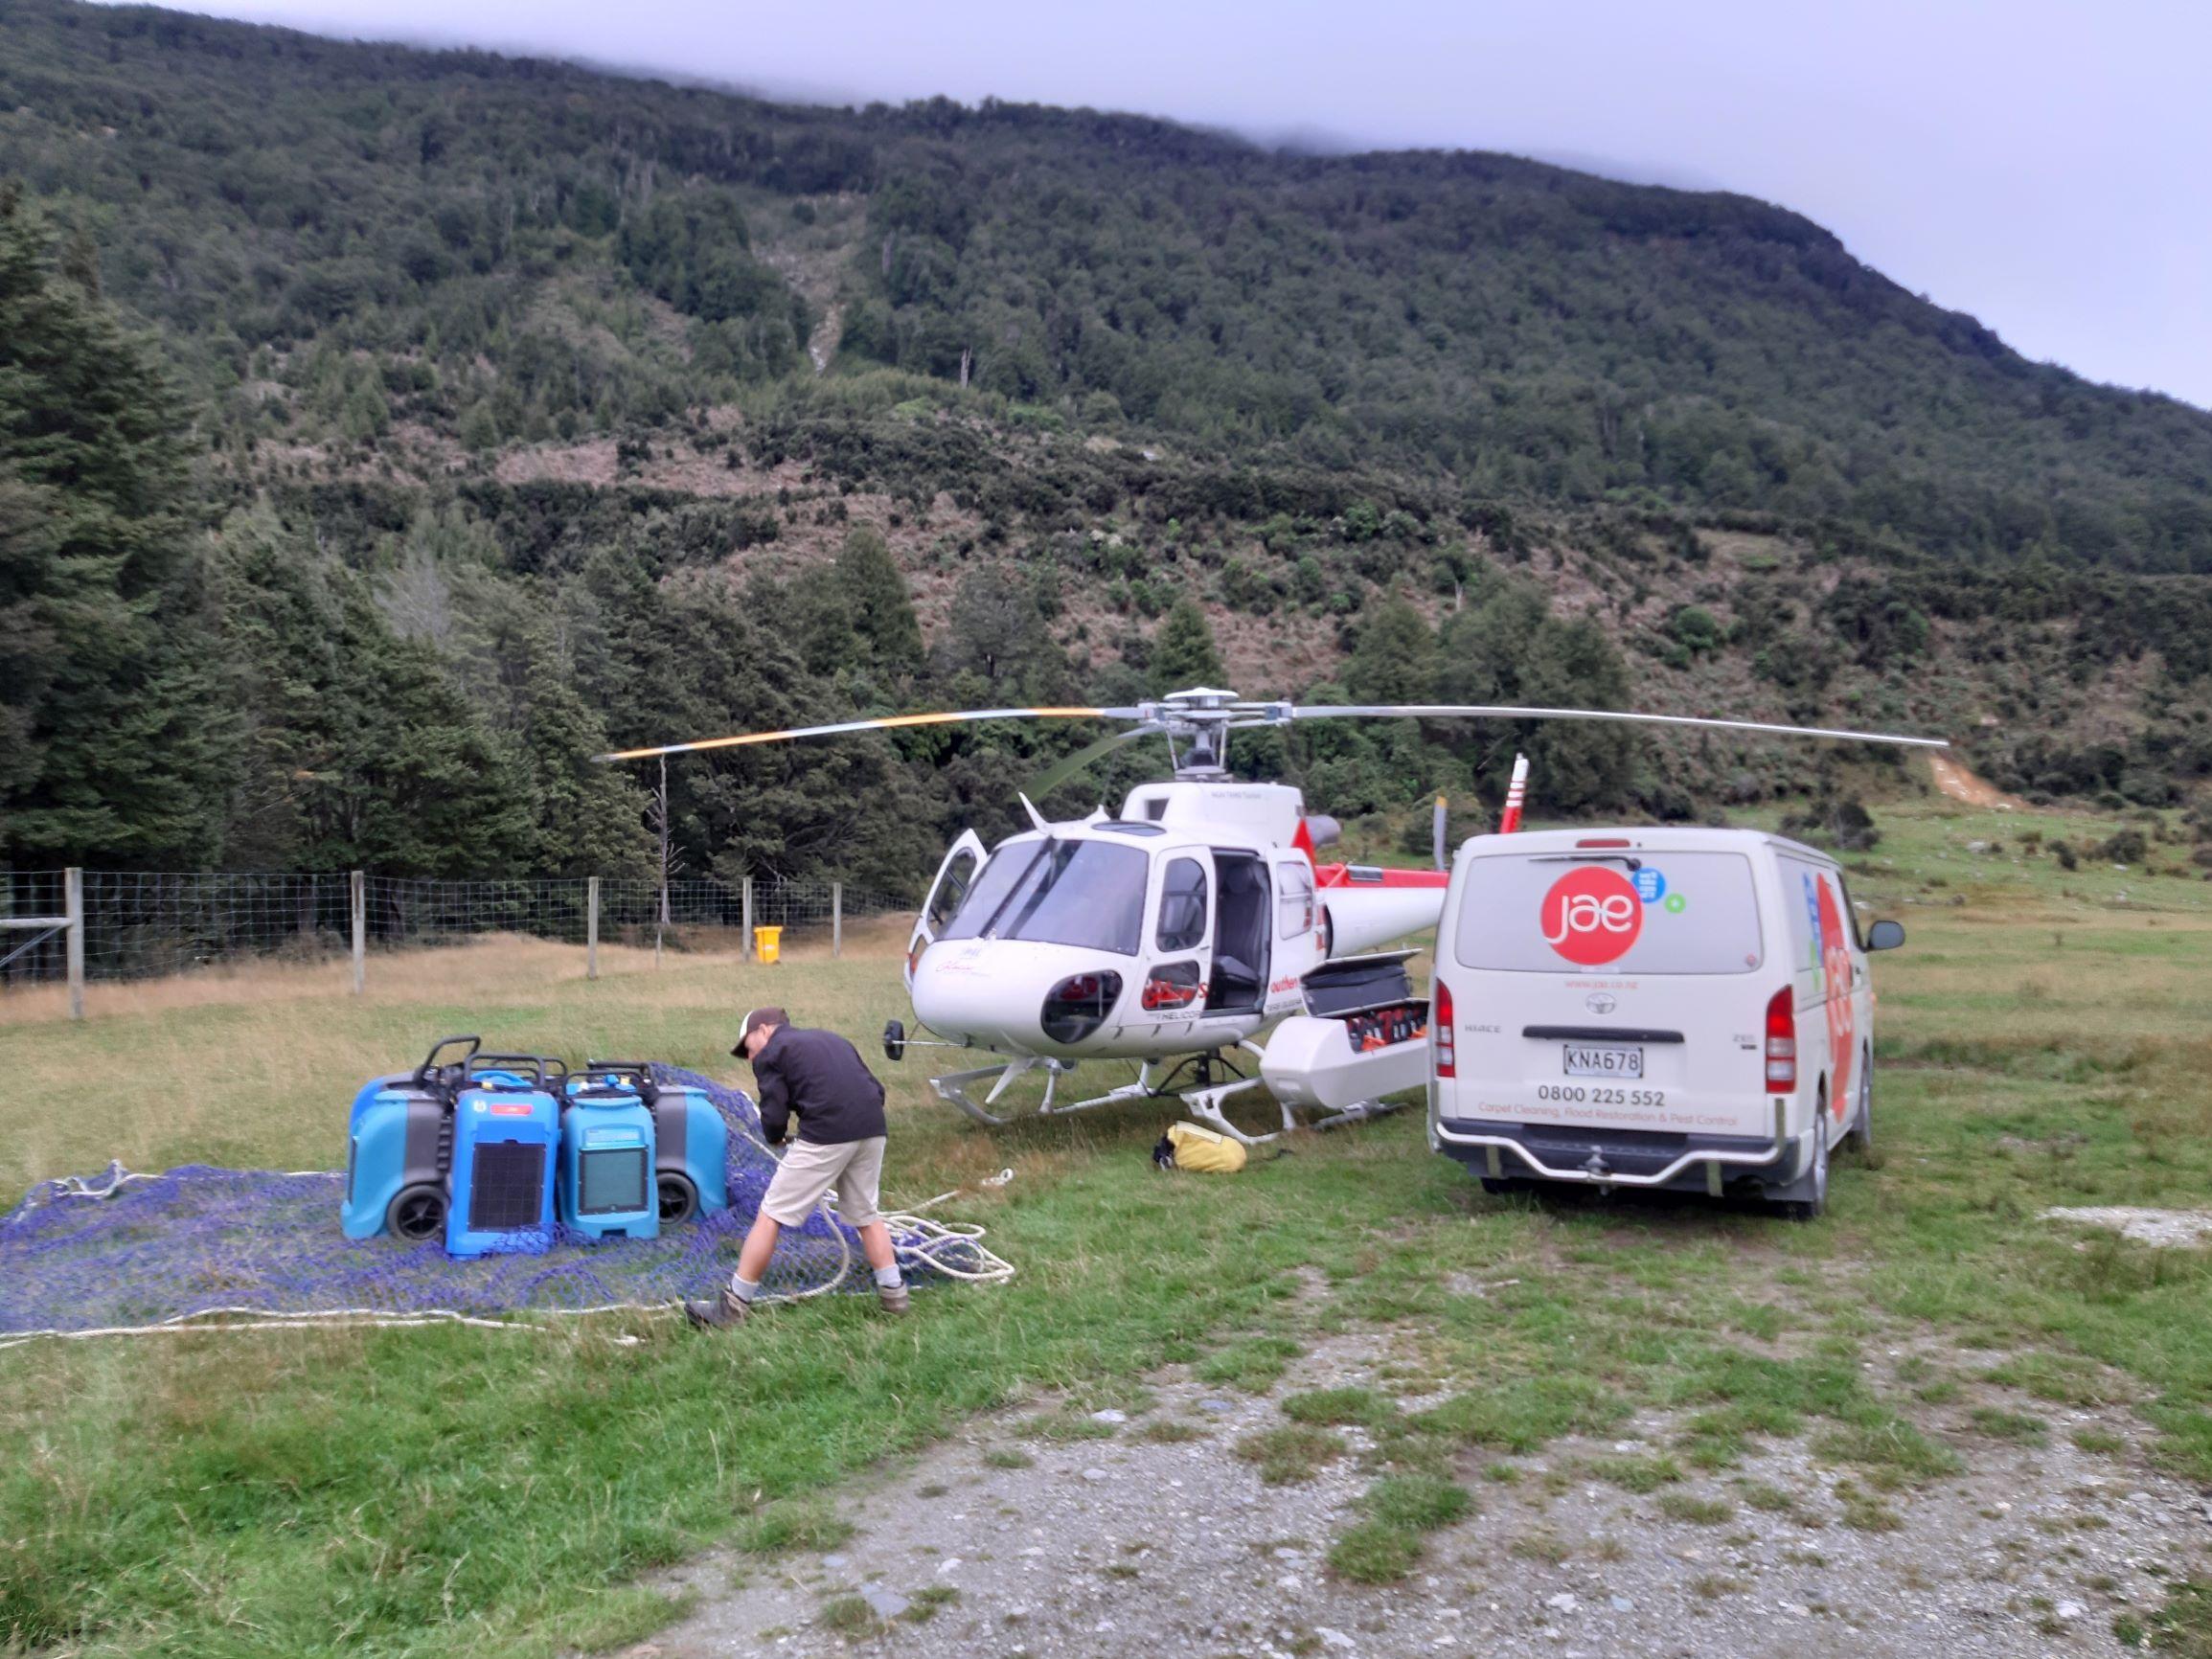 Restoration of River Flood Damage in NZ